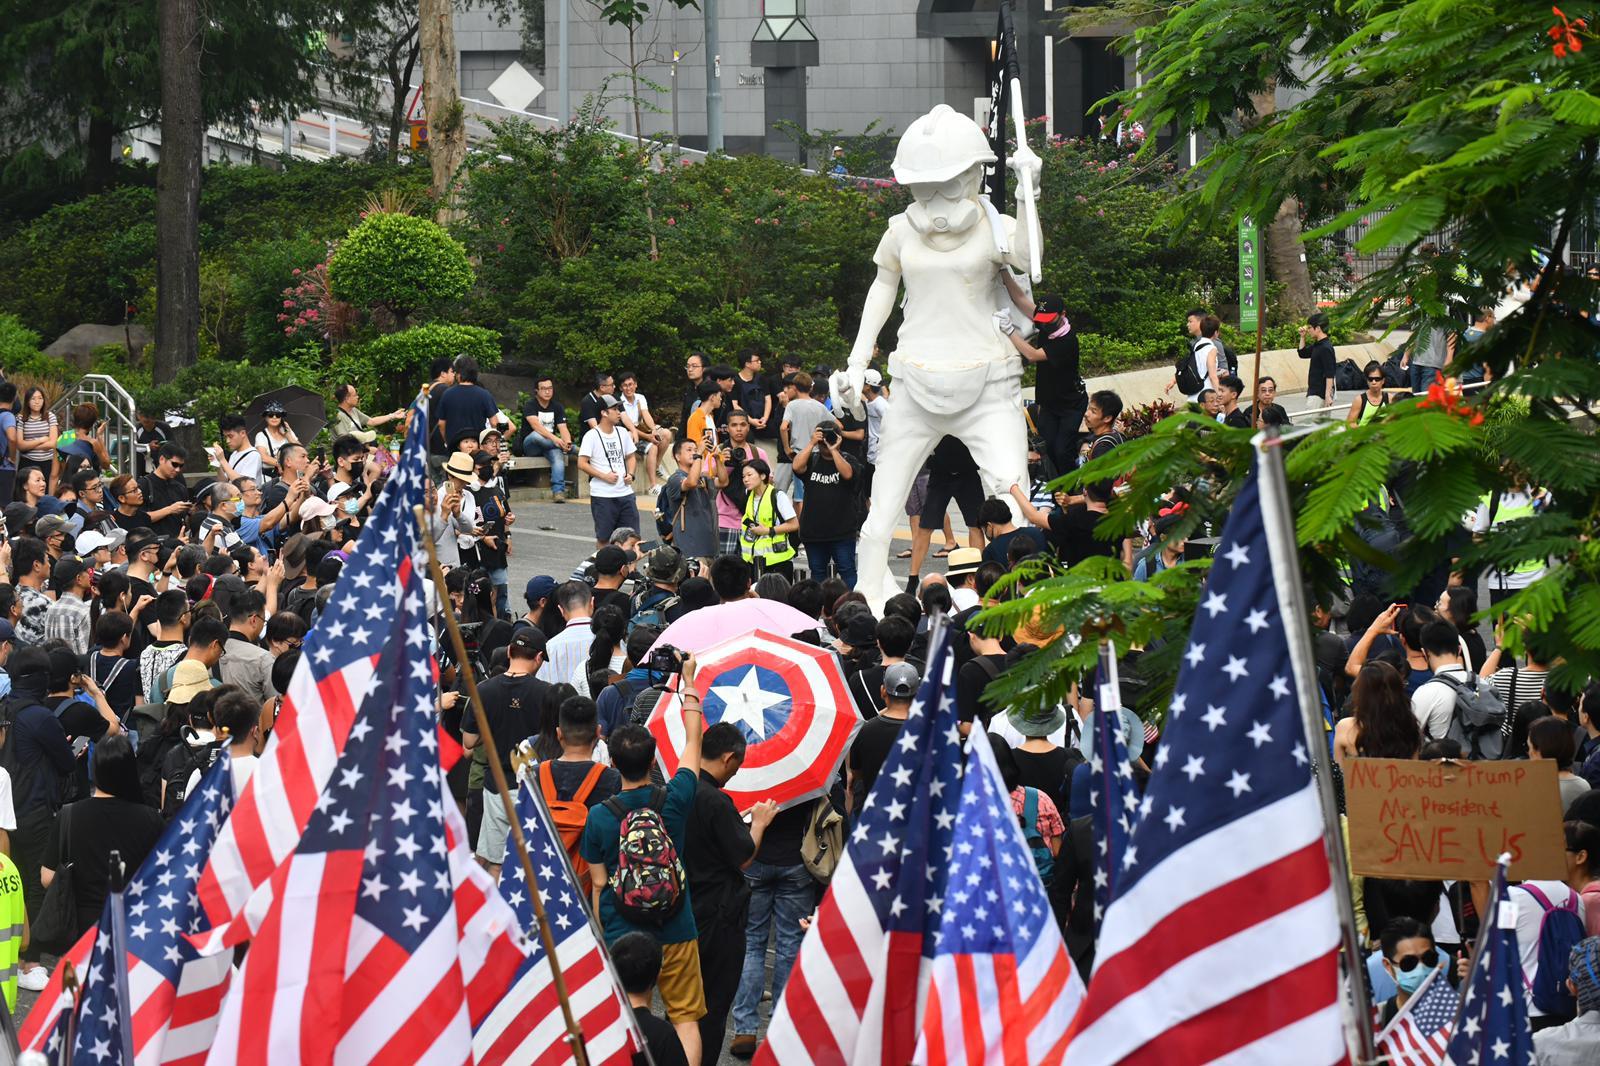 有「香港自治行動」成員指,攜美國旗遊行旨在引起國際關注。